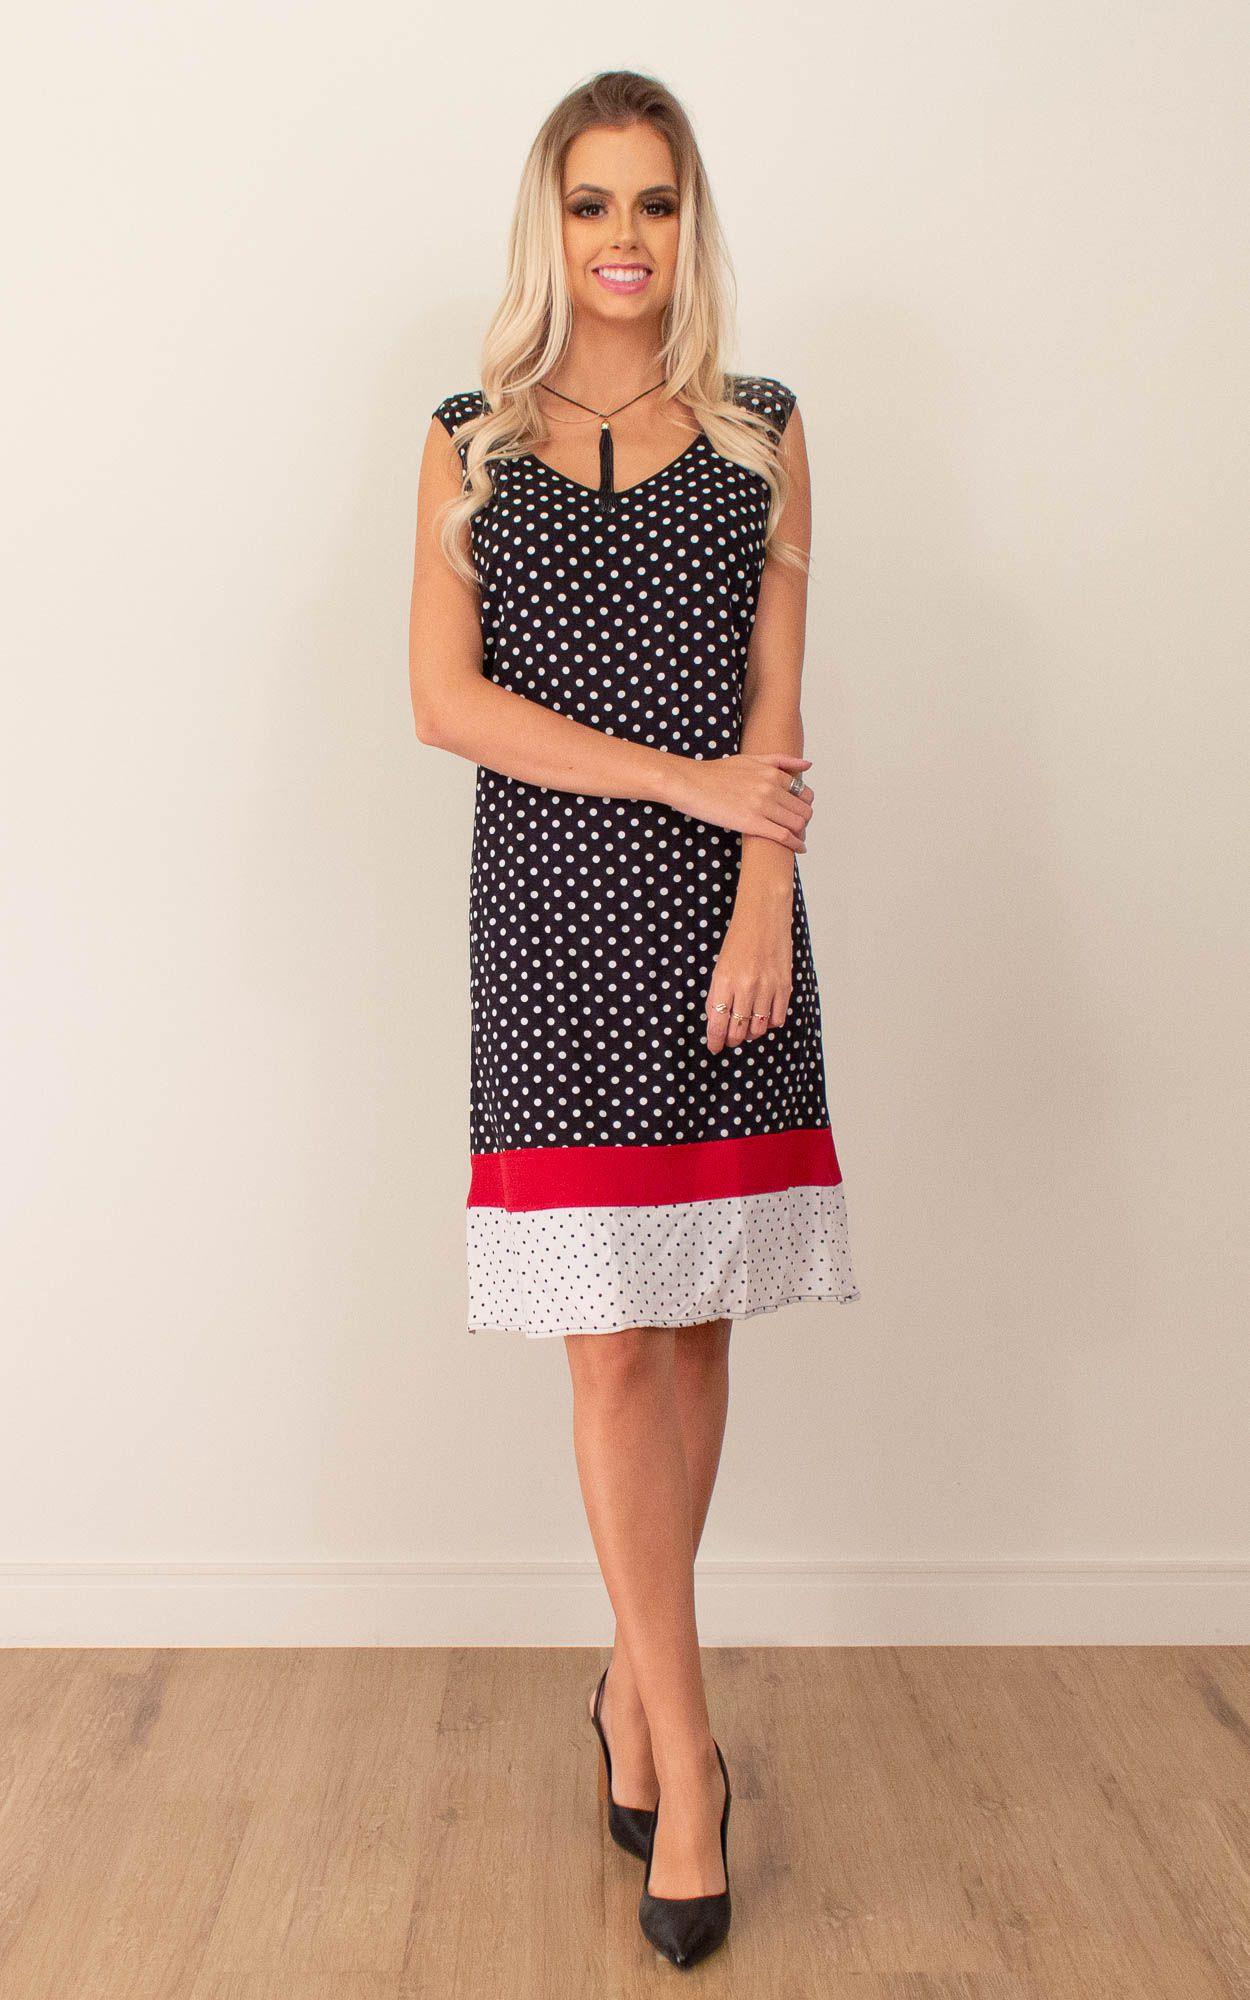 Vestido curto poá na cor preta com detalhes em vermelho.